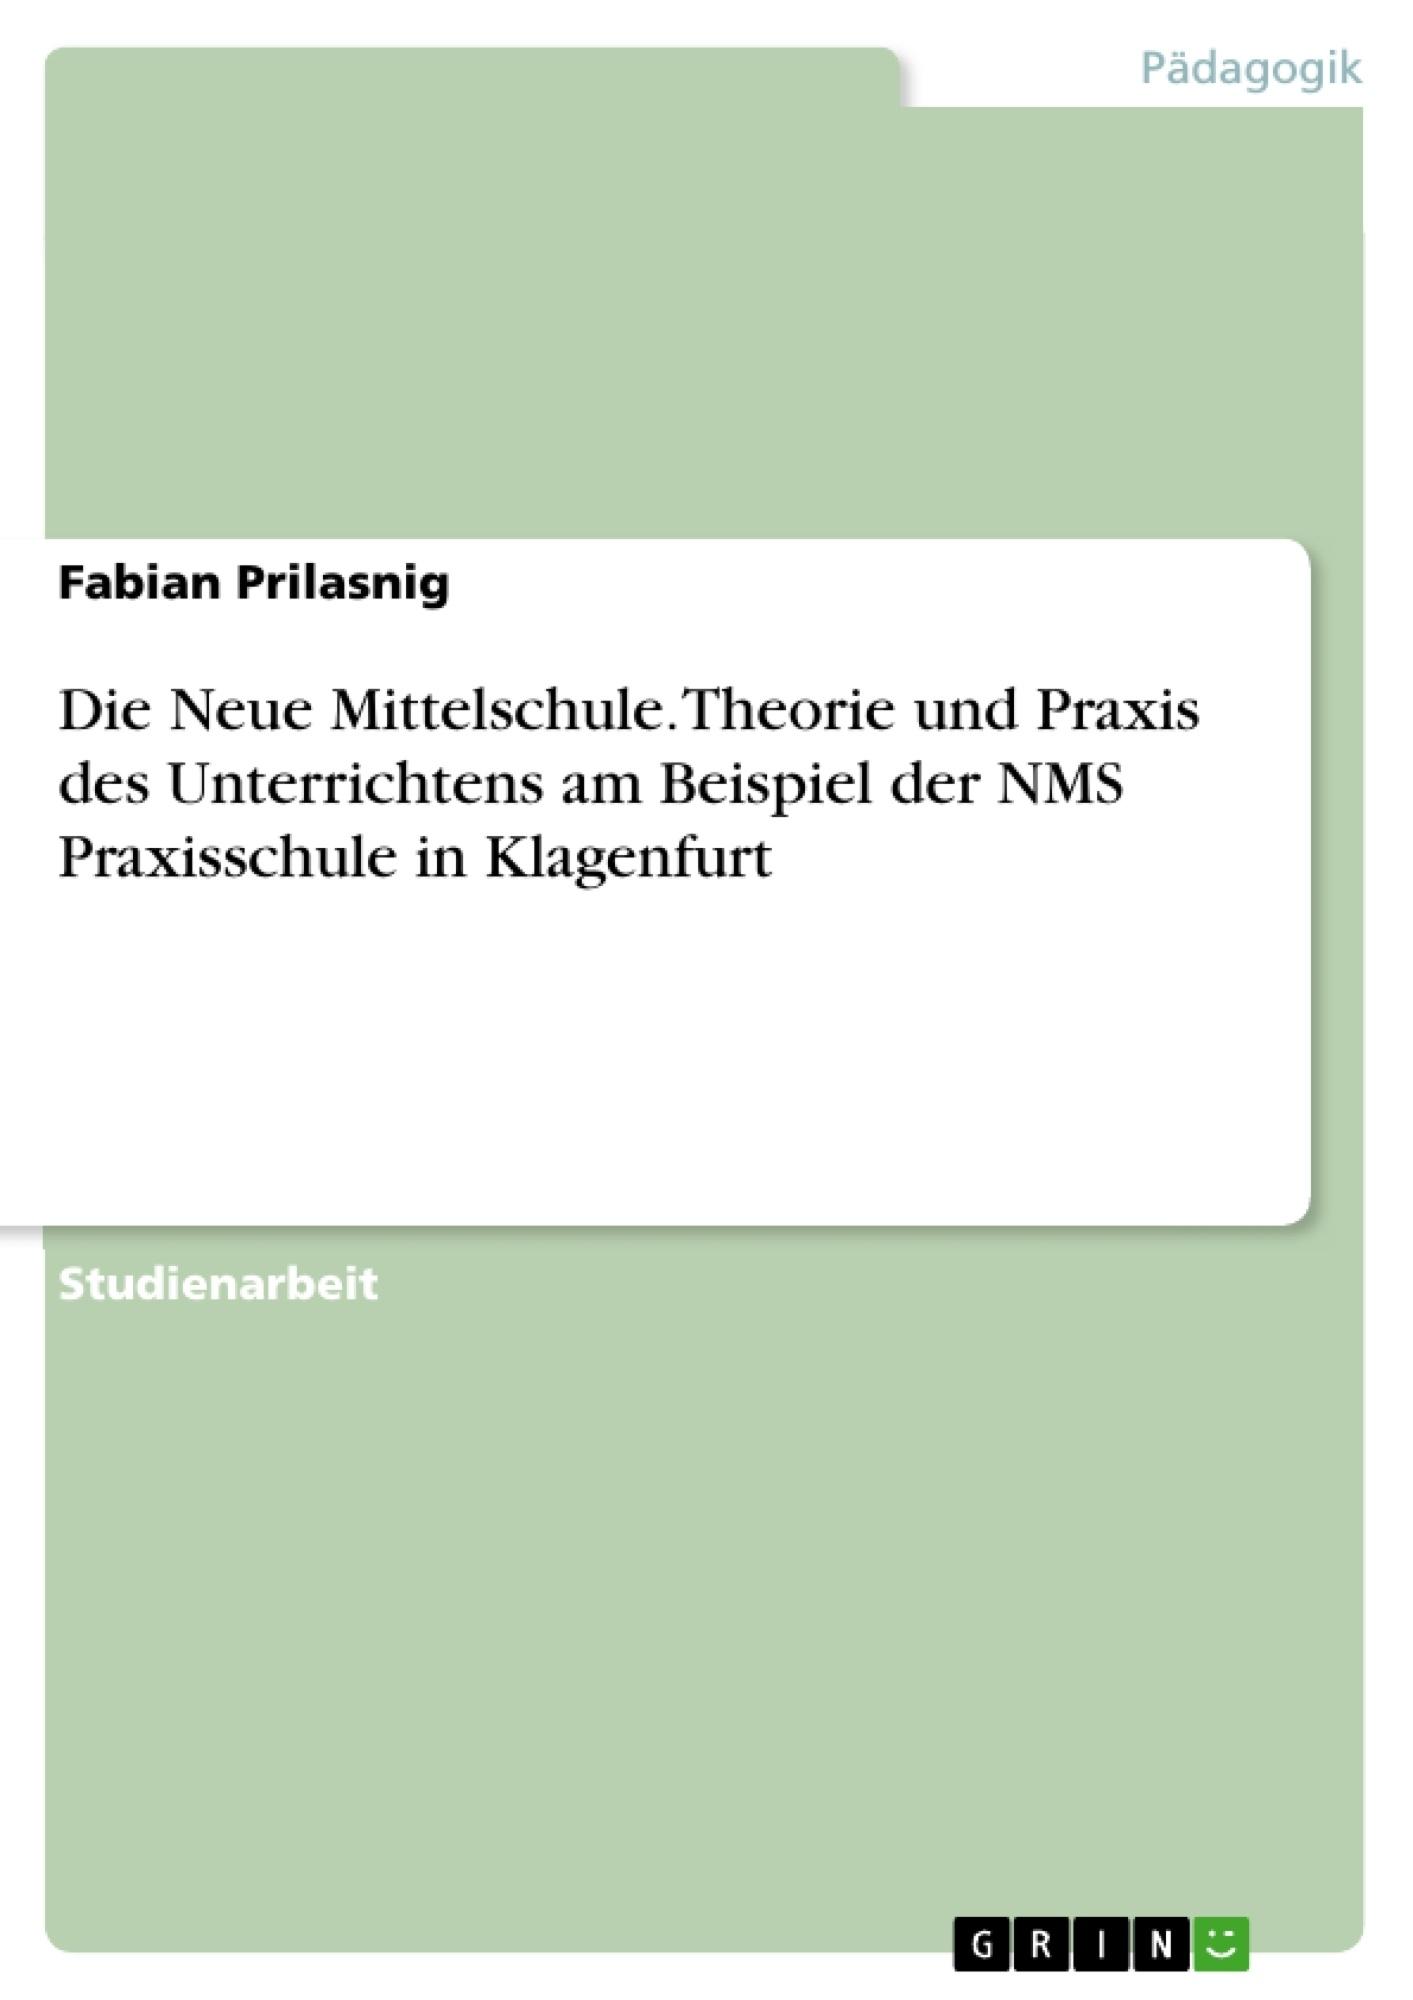 Titel: Die Neue Mittelschule. Theorie und Praxis des Unterrichtens am Beispiel der NMS Praxisschule in Klagenfurt